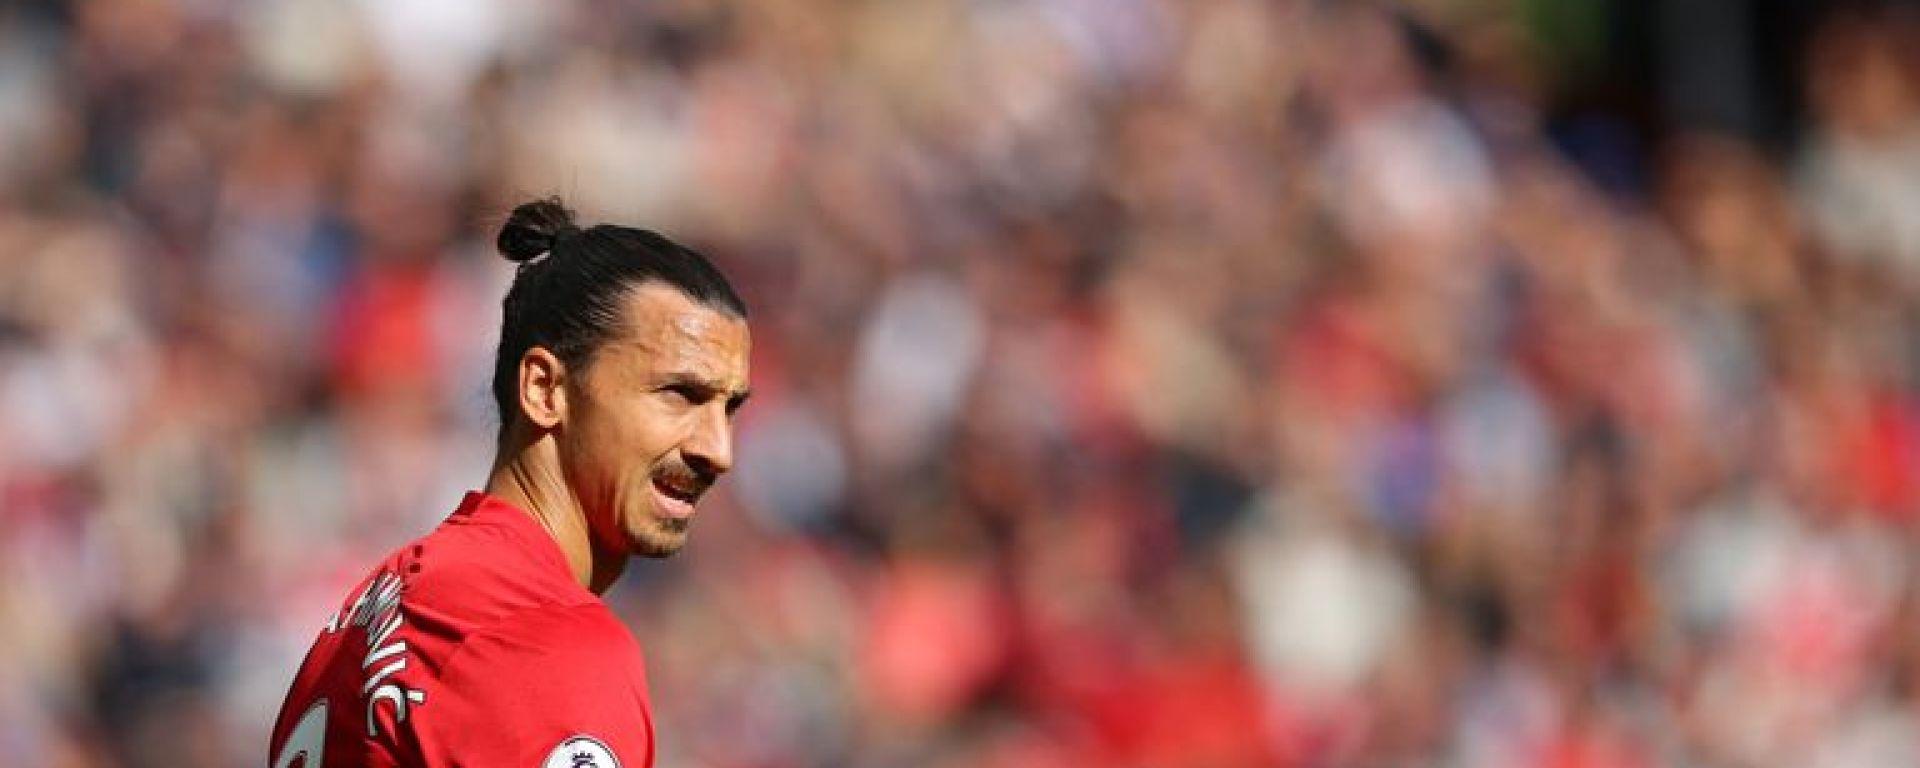 FOKUS Catatan Mentereng Zlatan Ibrahimovic Di Usia 30 Tahun